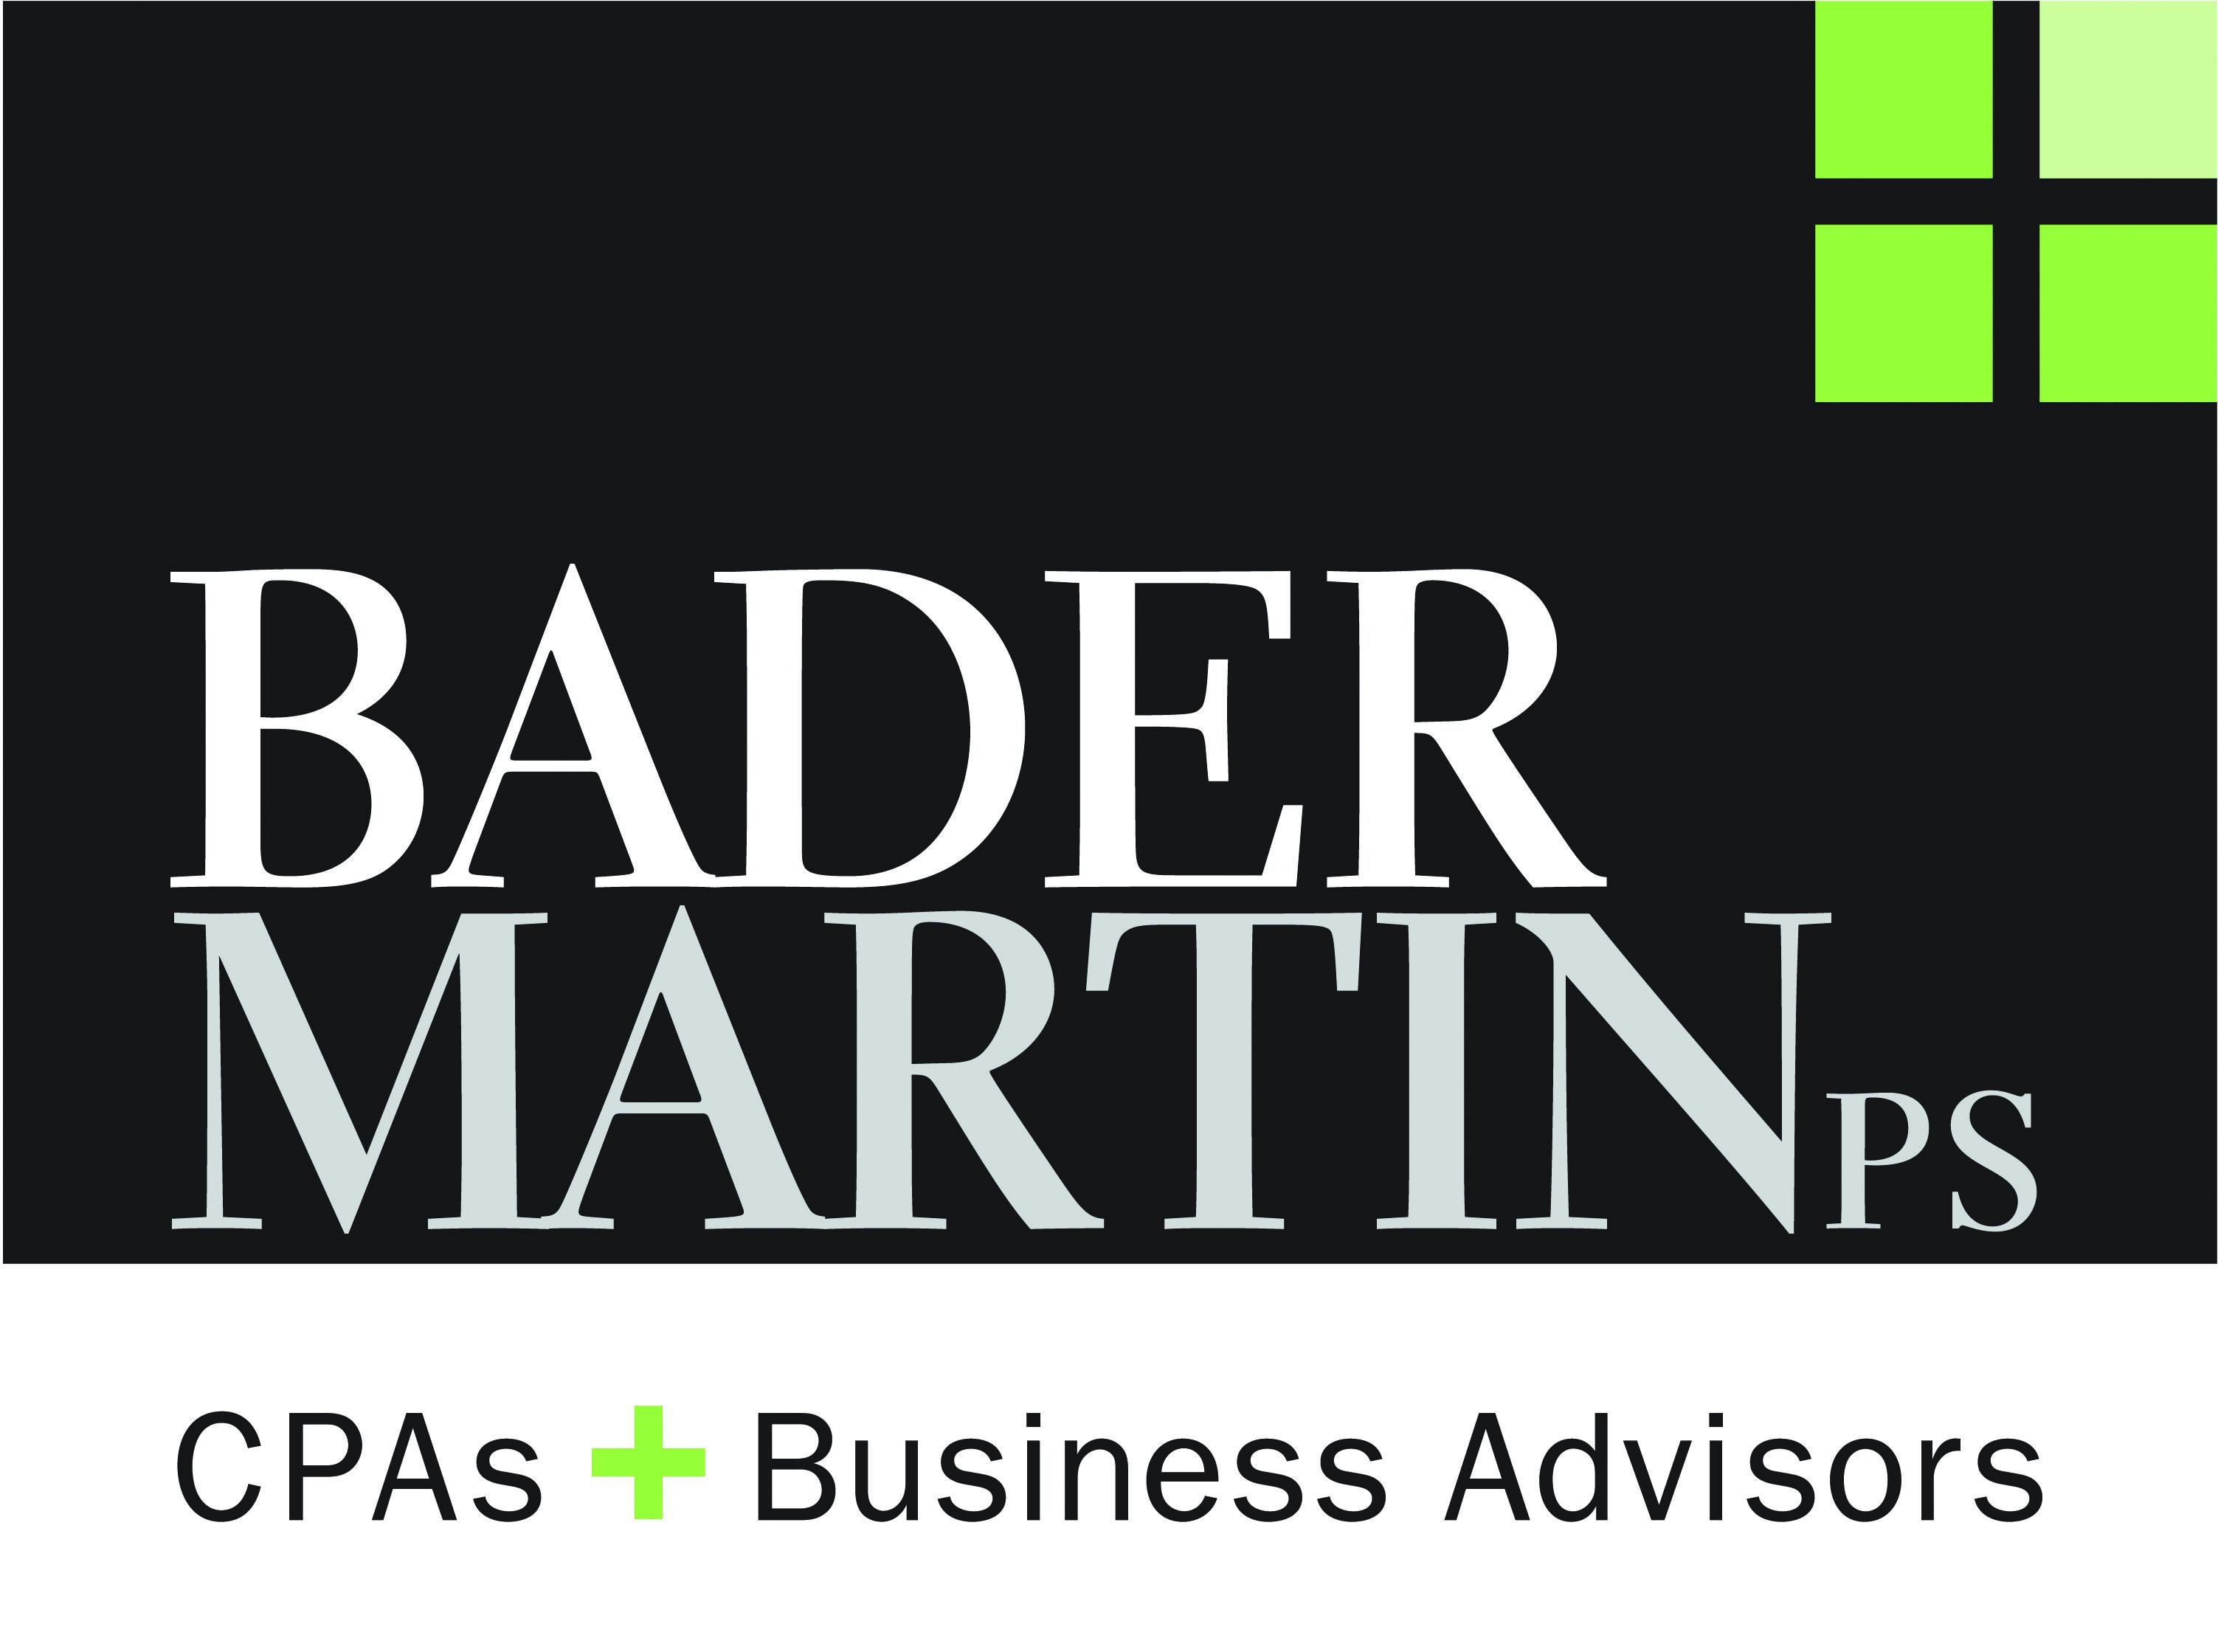 BaderMartin-logo-2012_large_600dpi